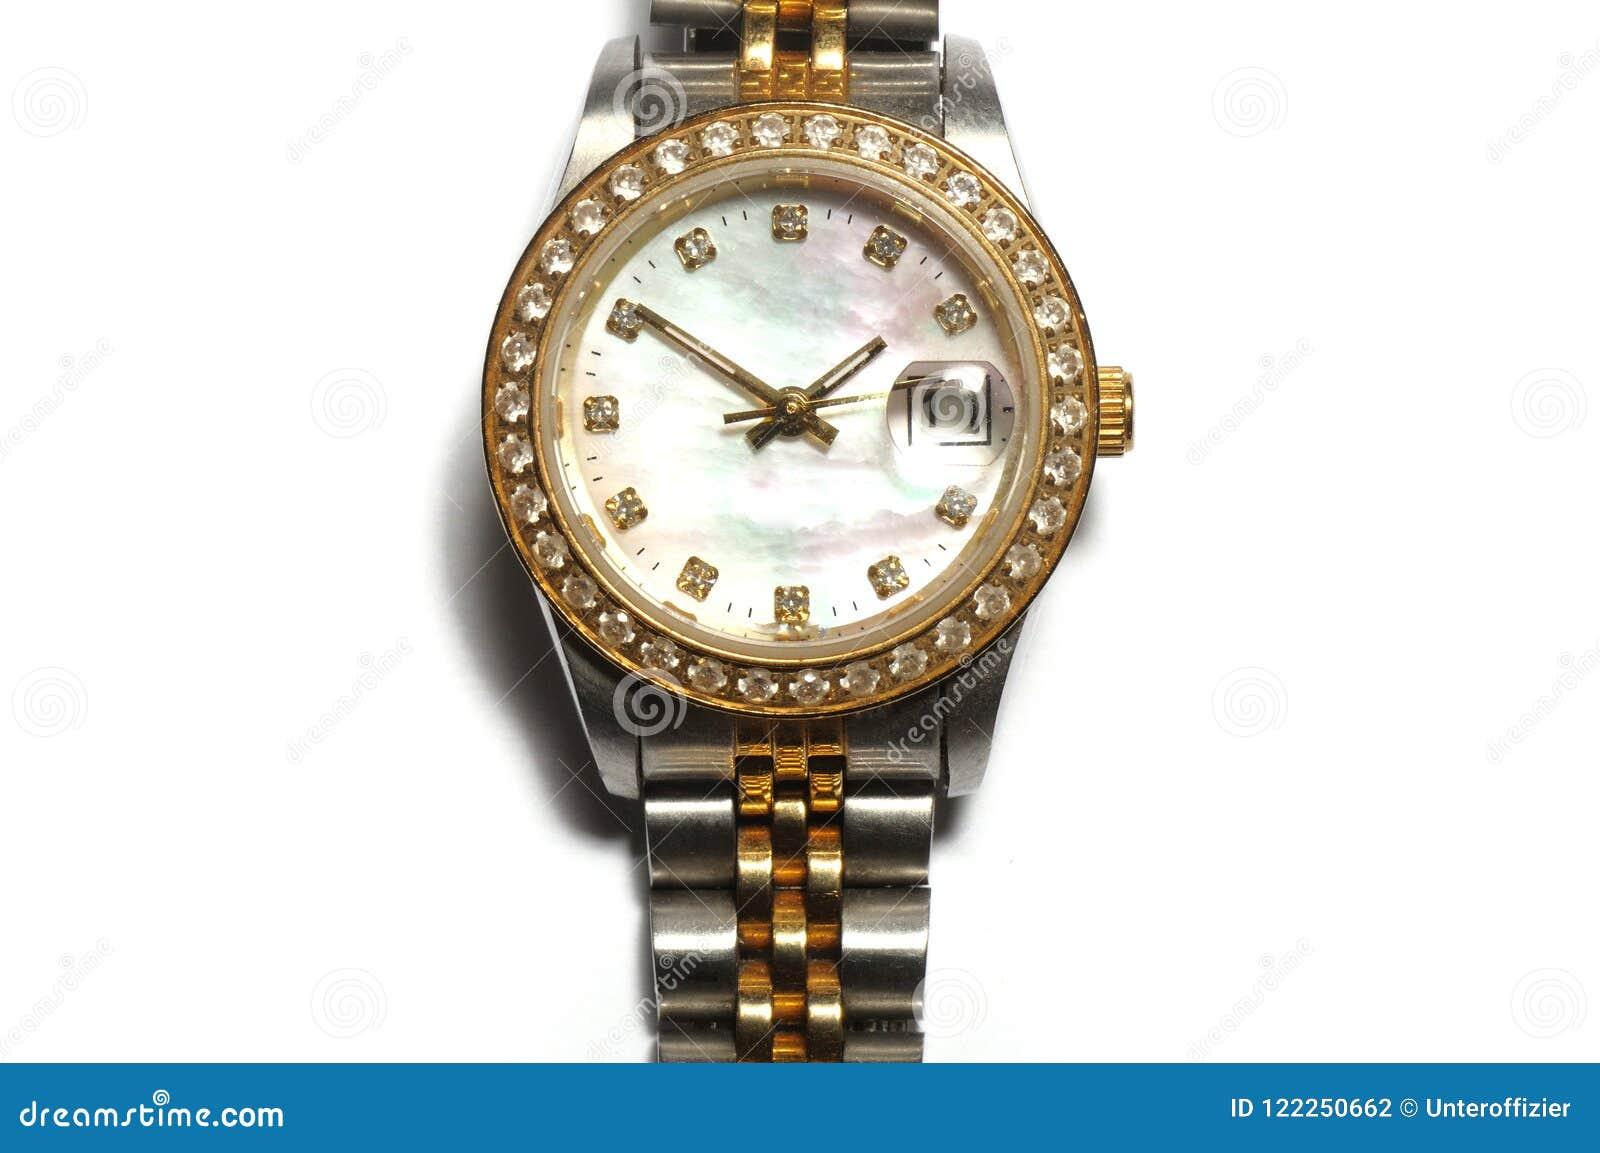 Een zilveren dameshorloge met een rond horlogegezicht en diamanten op de rand